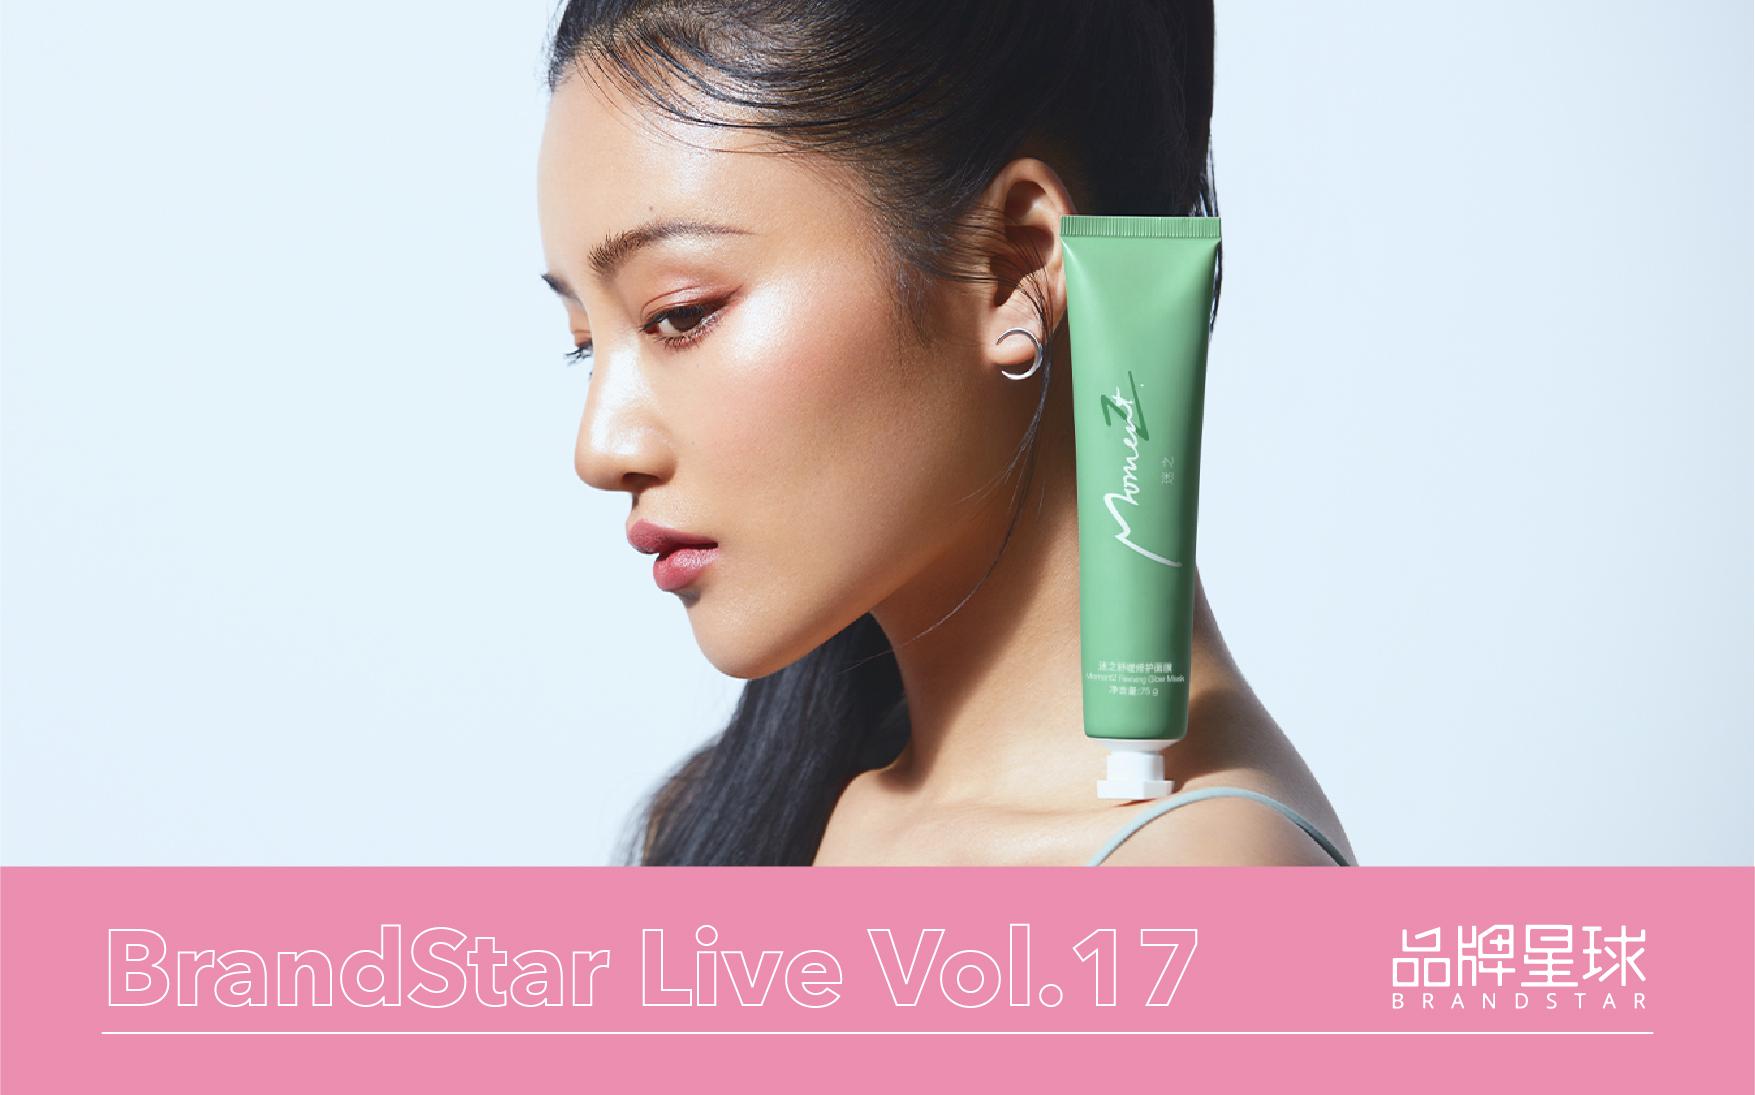 【直播回顾】迷之:纯净美妆趋势下,如何精细化打造和推广一款明星单品?  | BrandStar访谈&直播分享